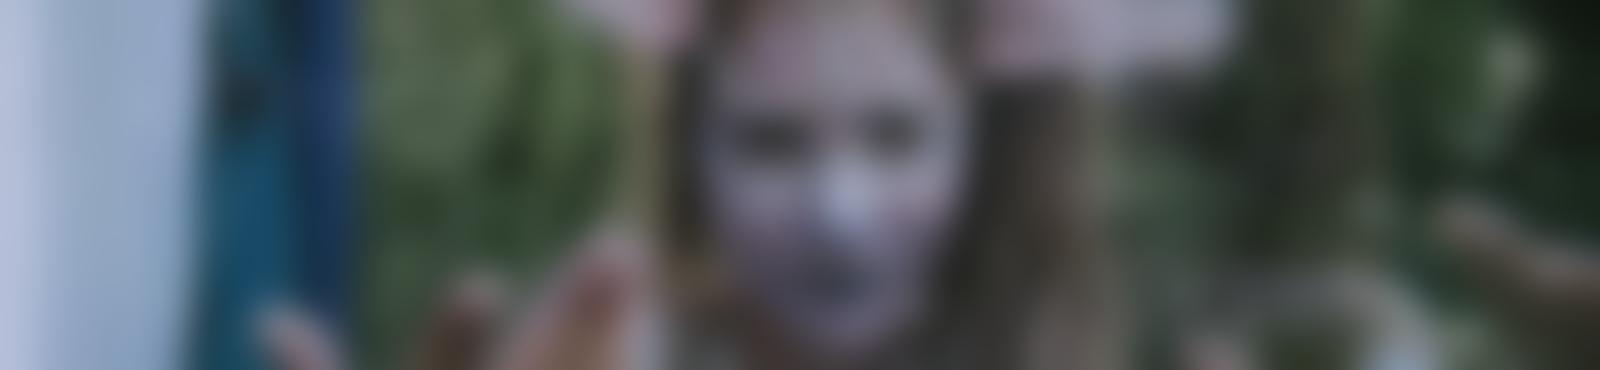 Blurred da71a028 059f 4e44 a528 68b722beb7f5